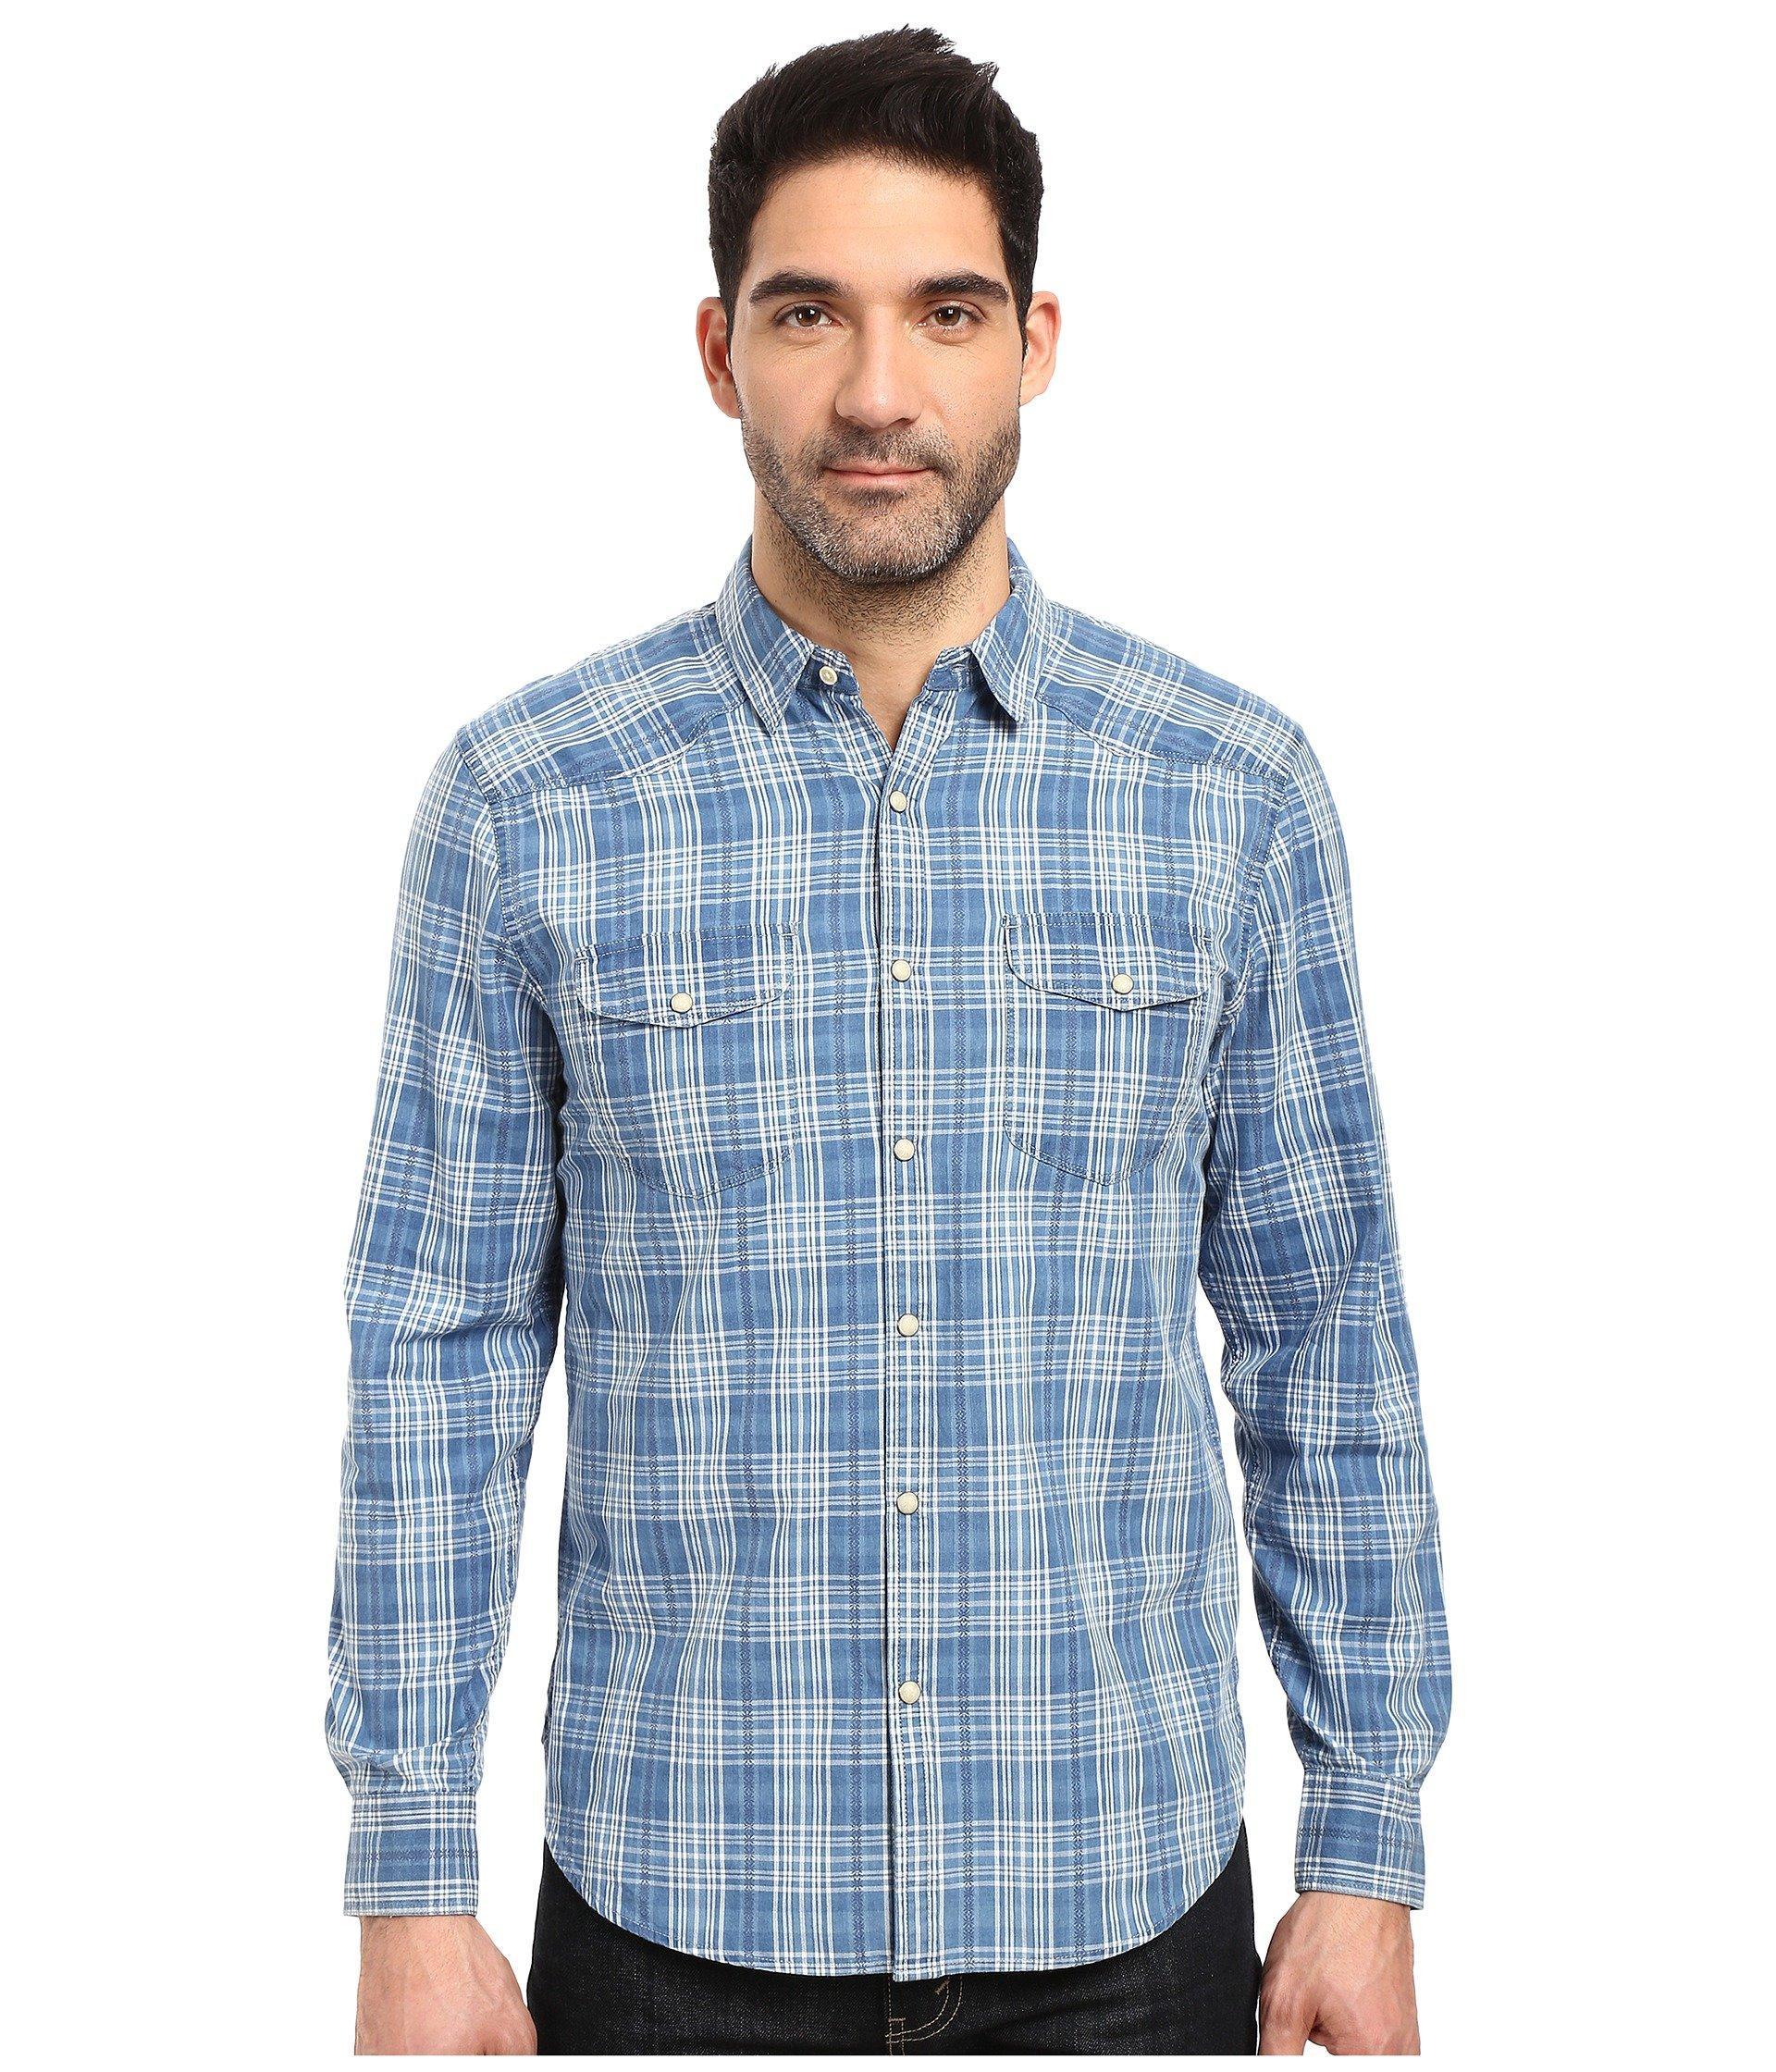 2dde6d0541 Lucky Brand Santa Fe Western Shirt In Blue White